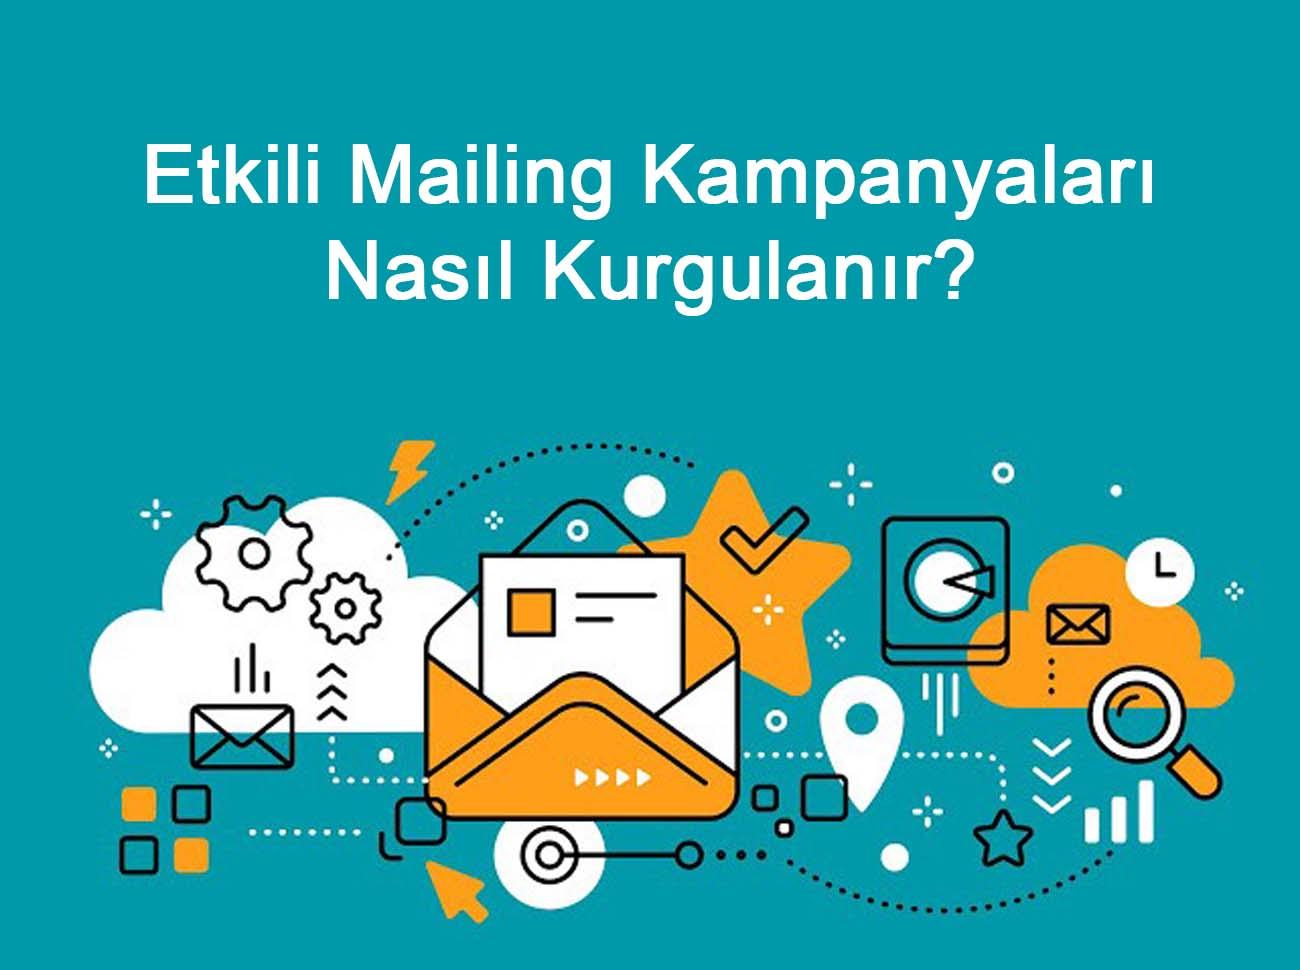 Etkili Mailing Kampanyaları İçin Tavsiyeler